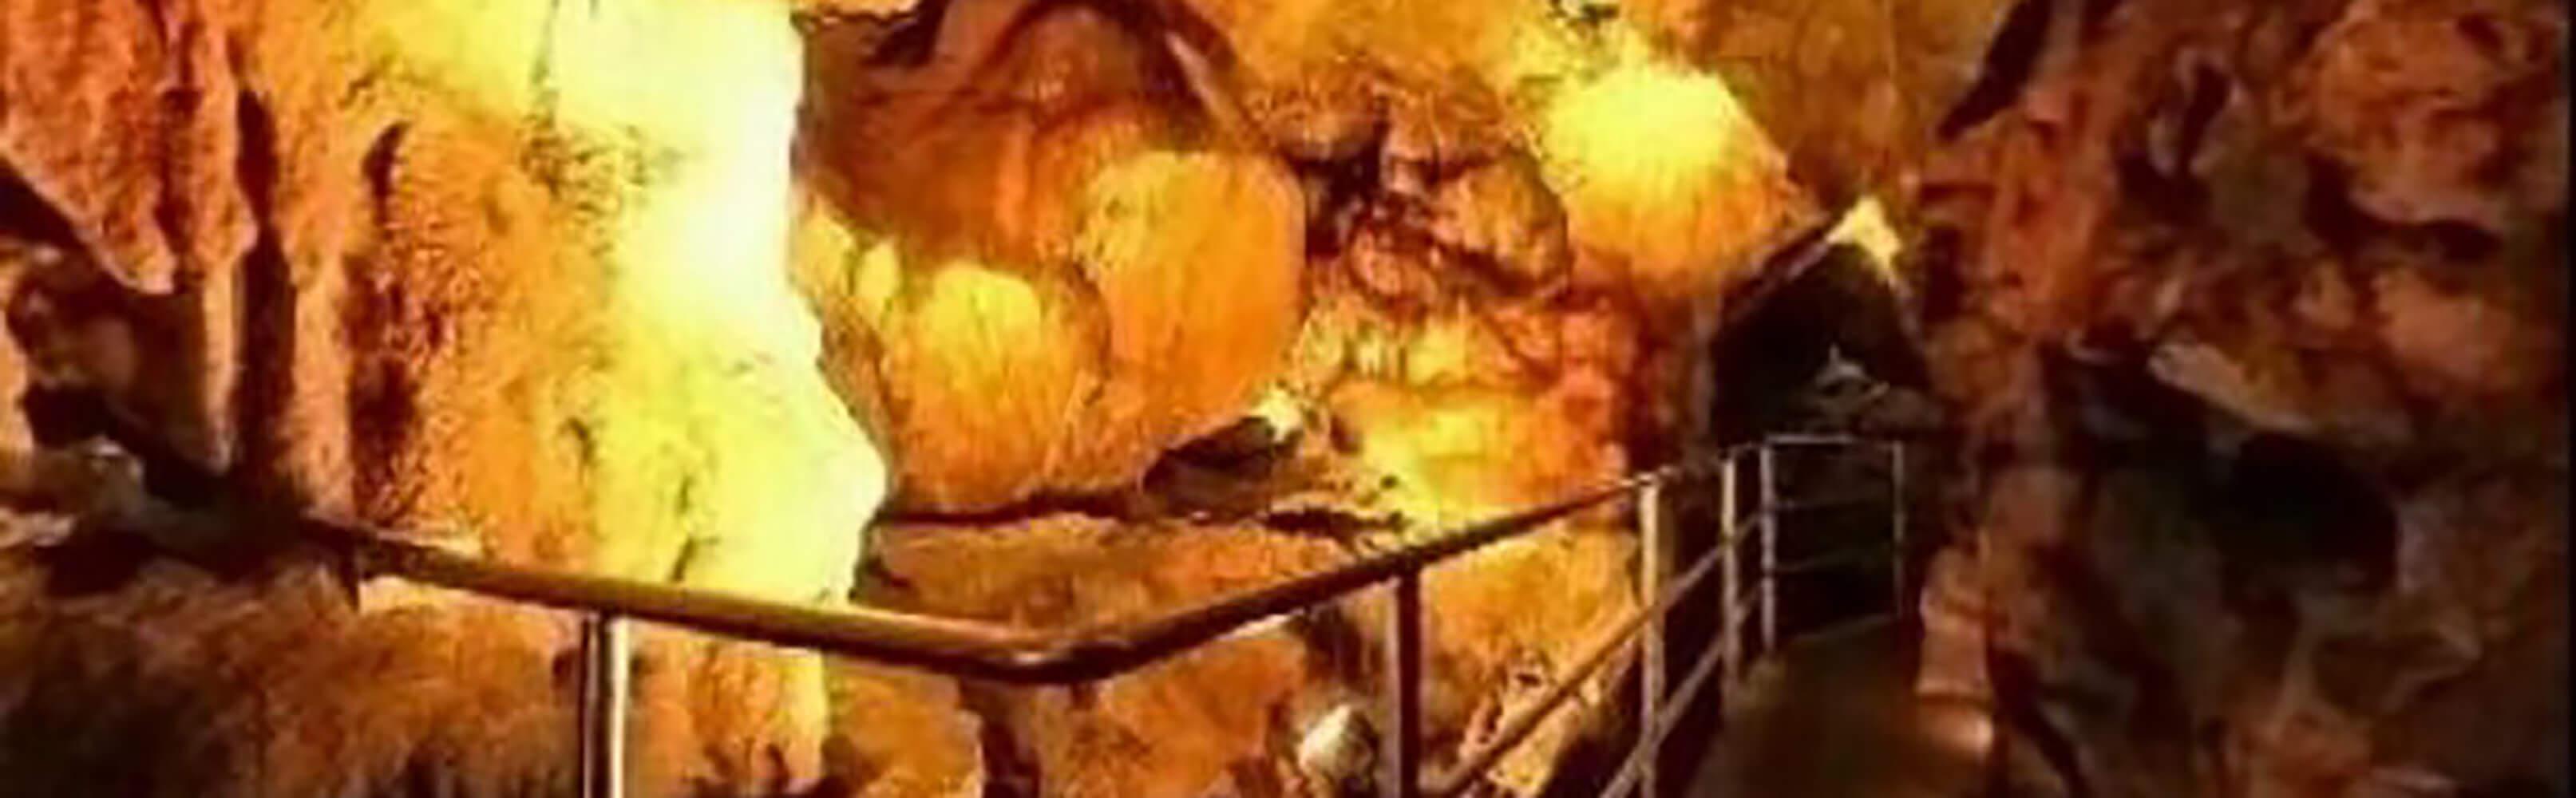 Tropfsteinhöhle Griffen 1